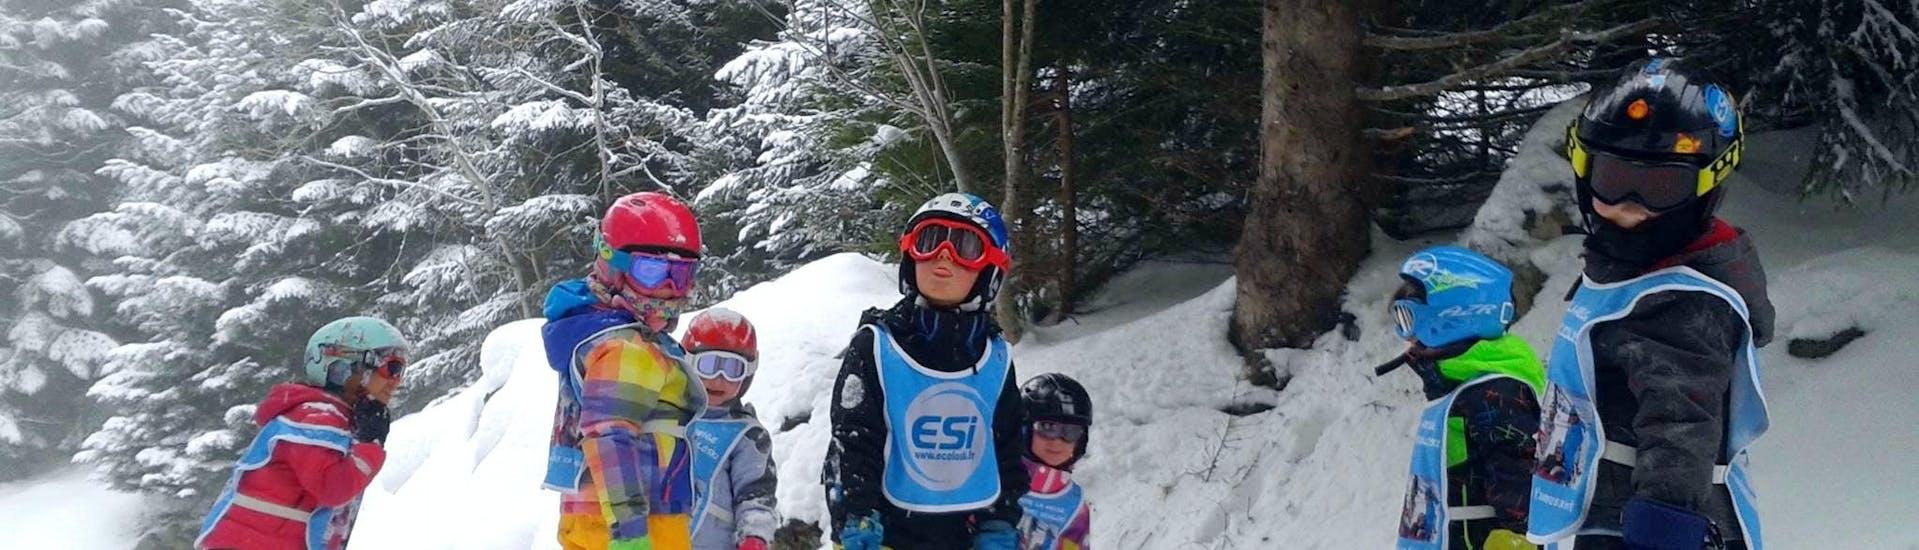 Los niños están parados en medios de las pistas rodeados de árboles durante sus clases de esquí para niños (5-15 años) - Tarde con la escuela de esquí ESI Ecoloski Barèges.